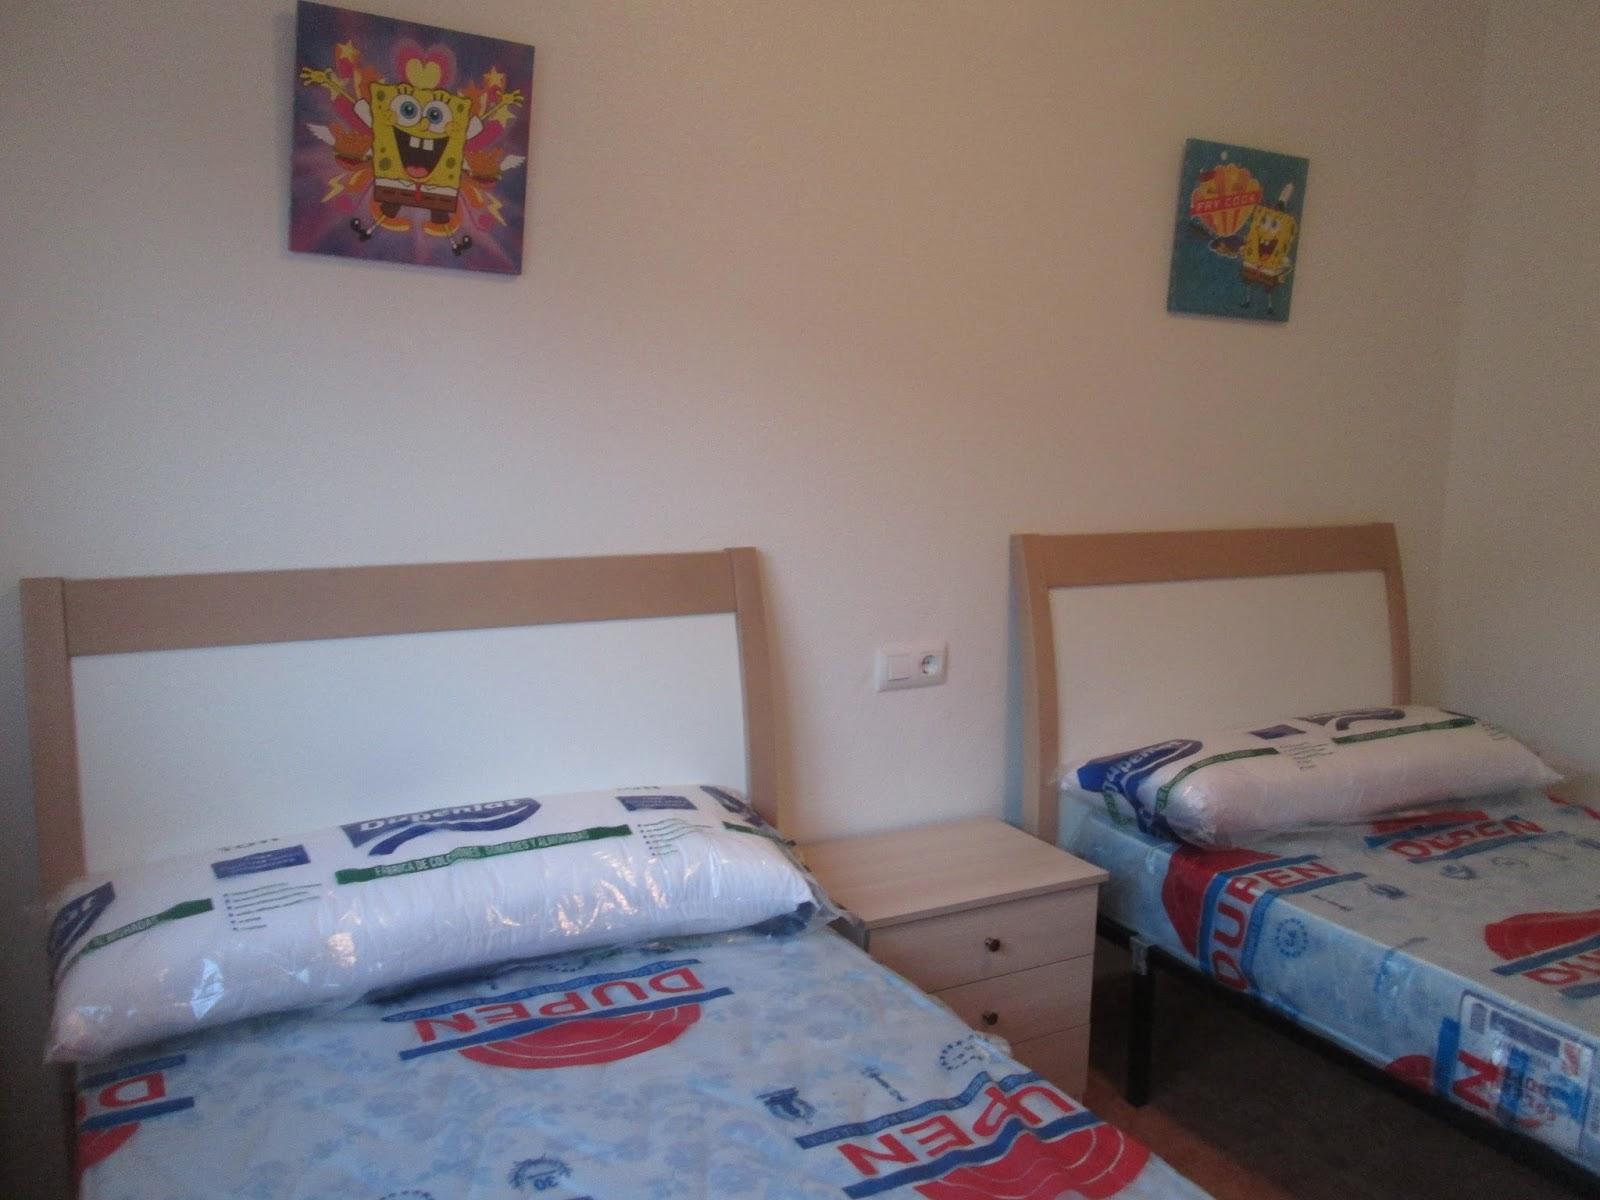 Muebles arcecoll amuebla tu piso por muy poco - Amuebla tu piso completo por ...